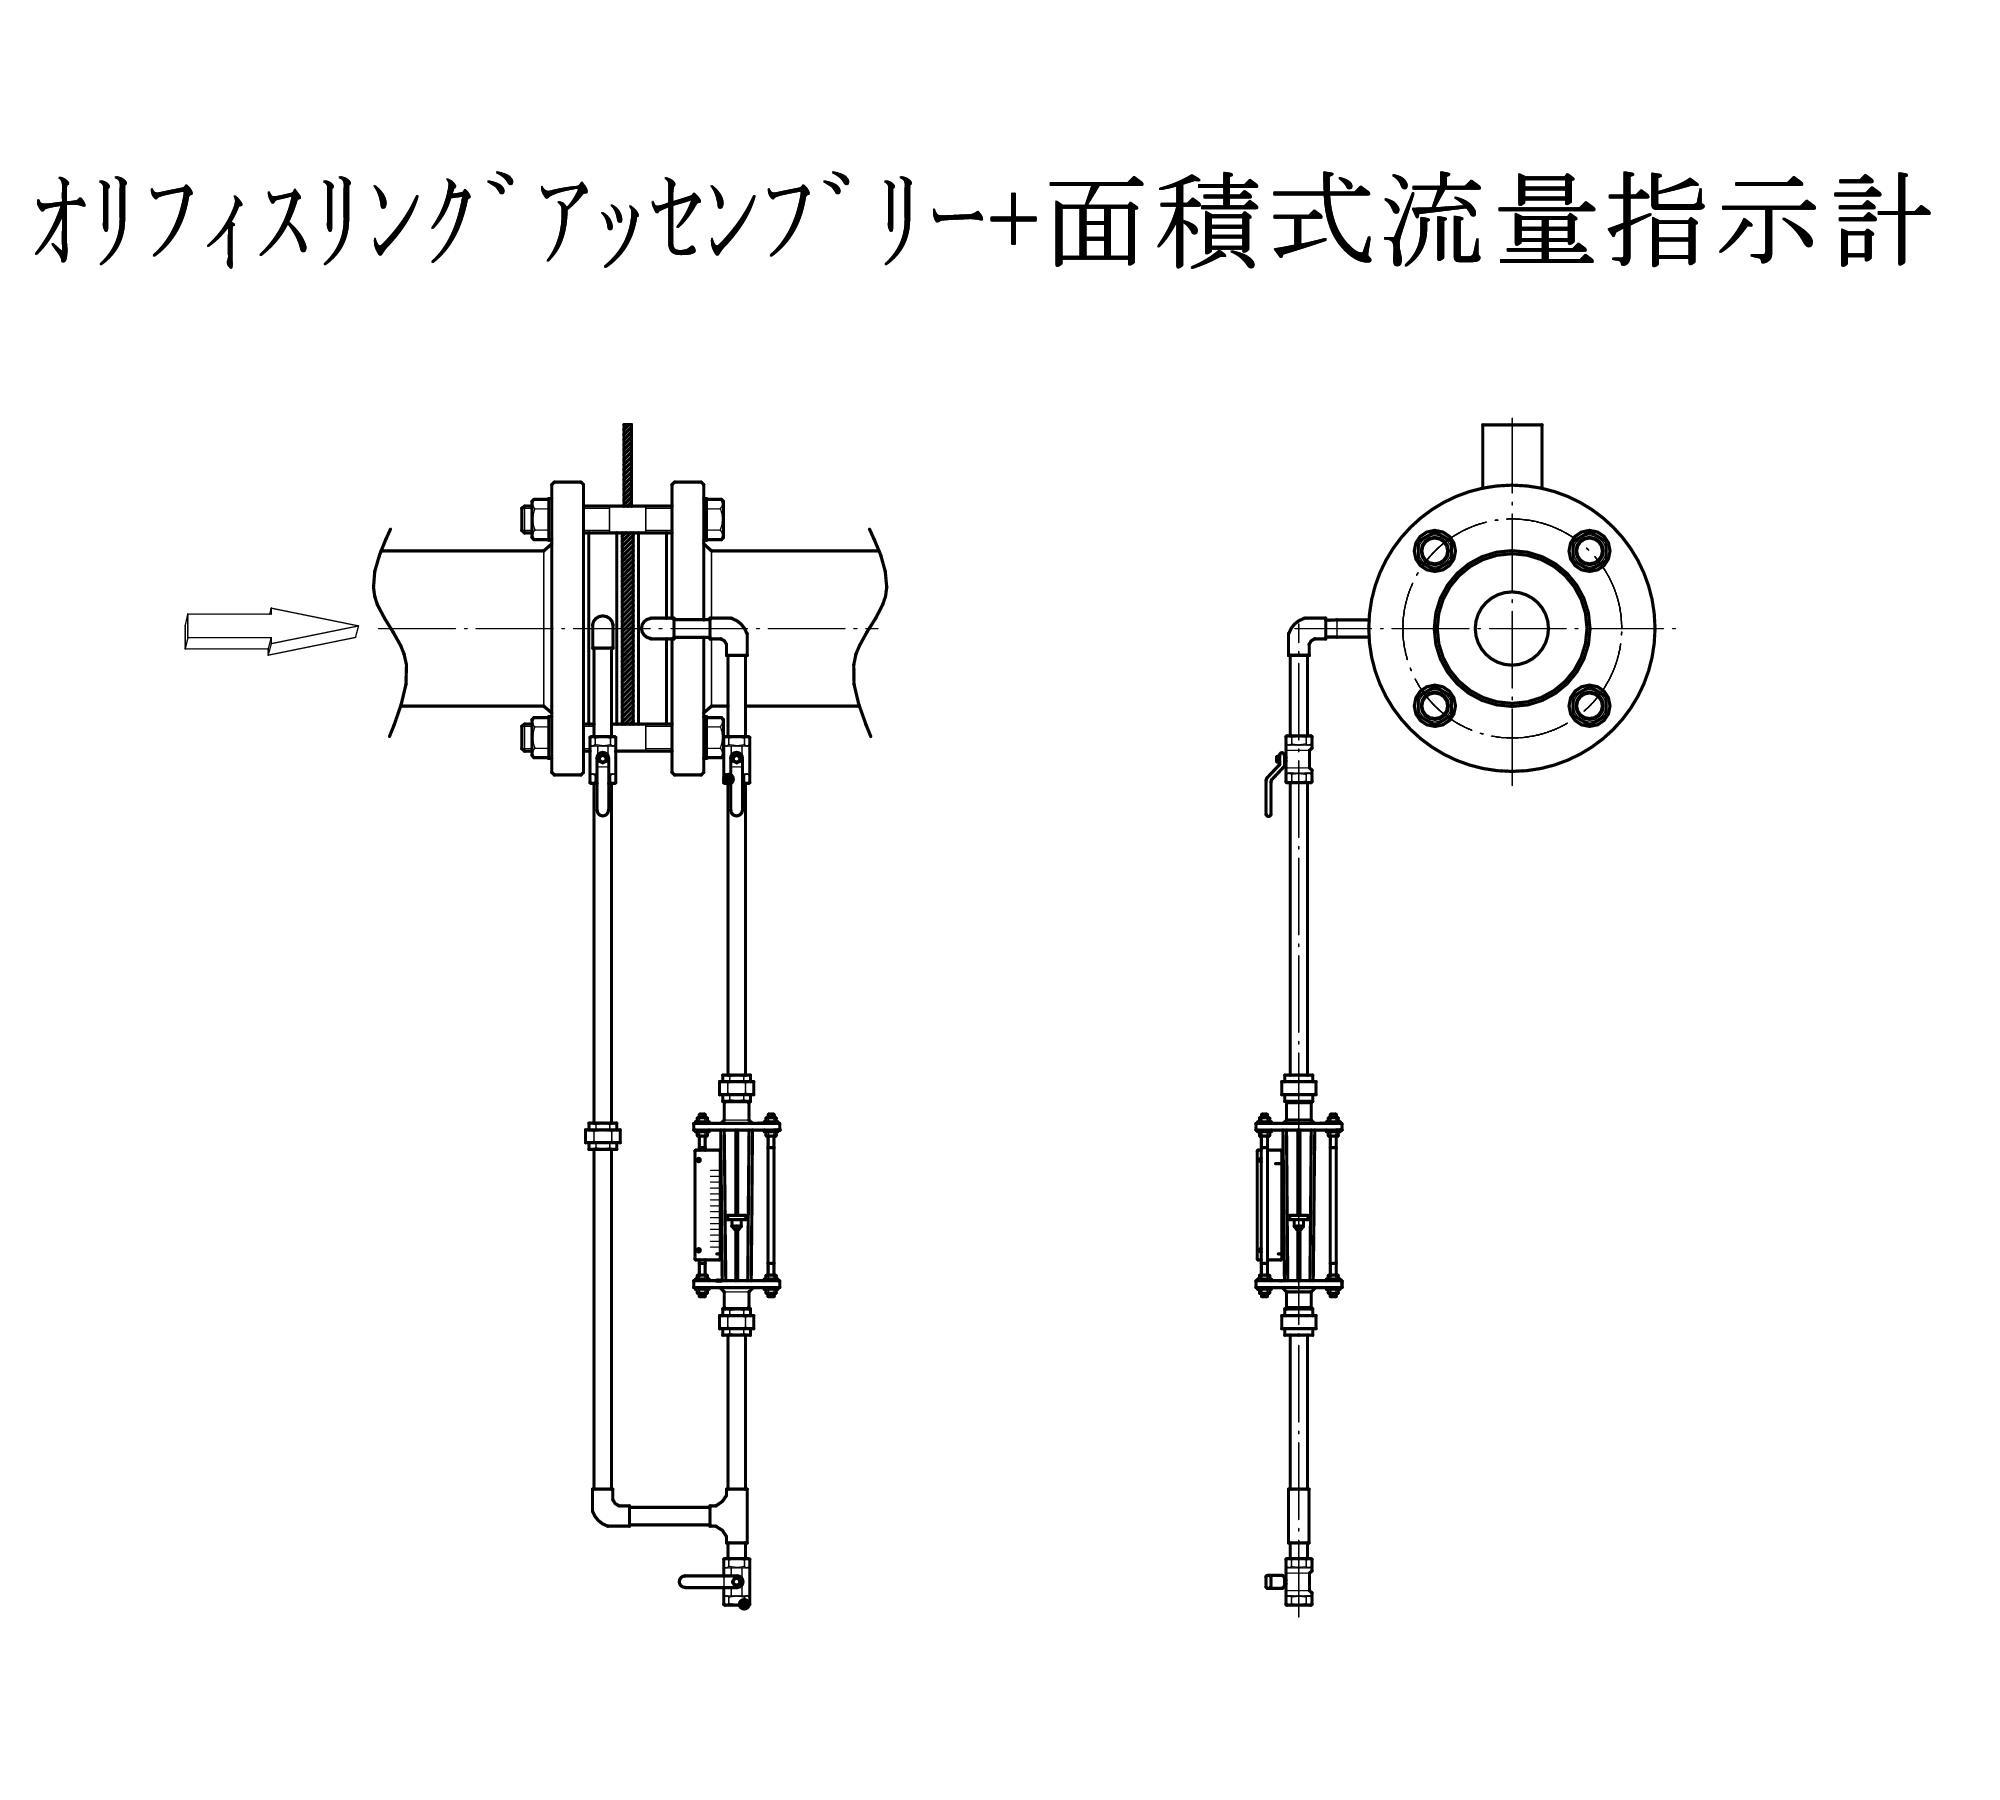 FK-BFAU-OR配管図